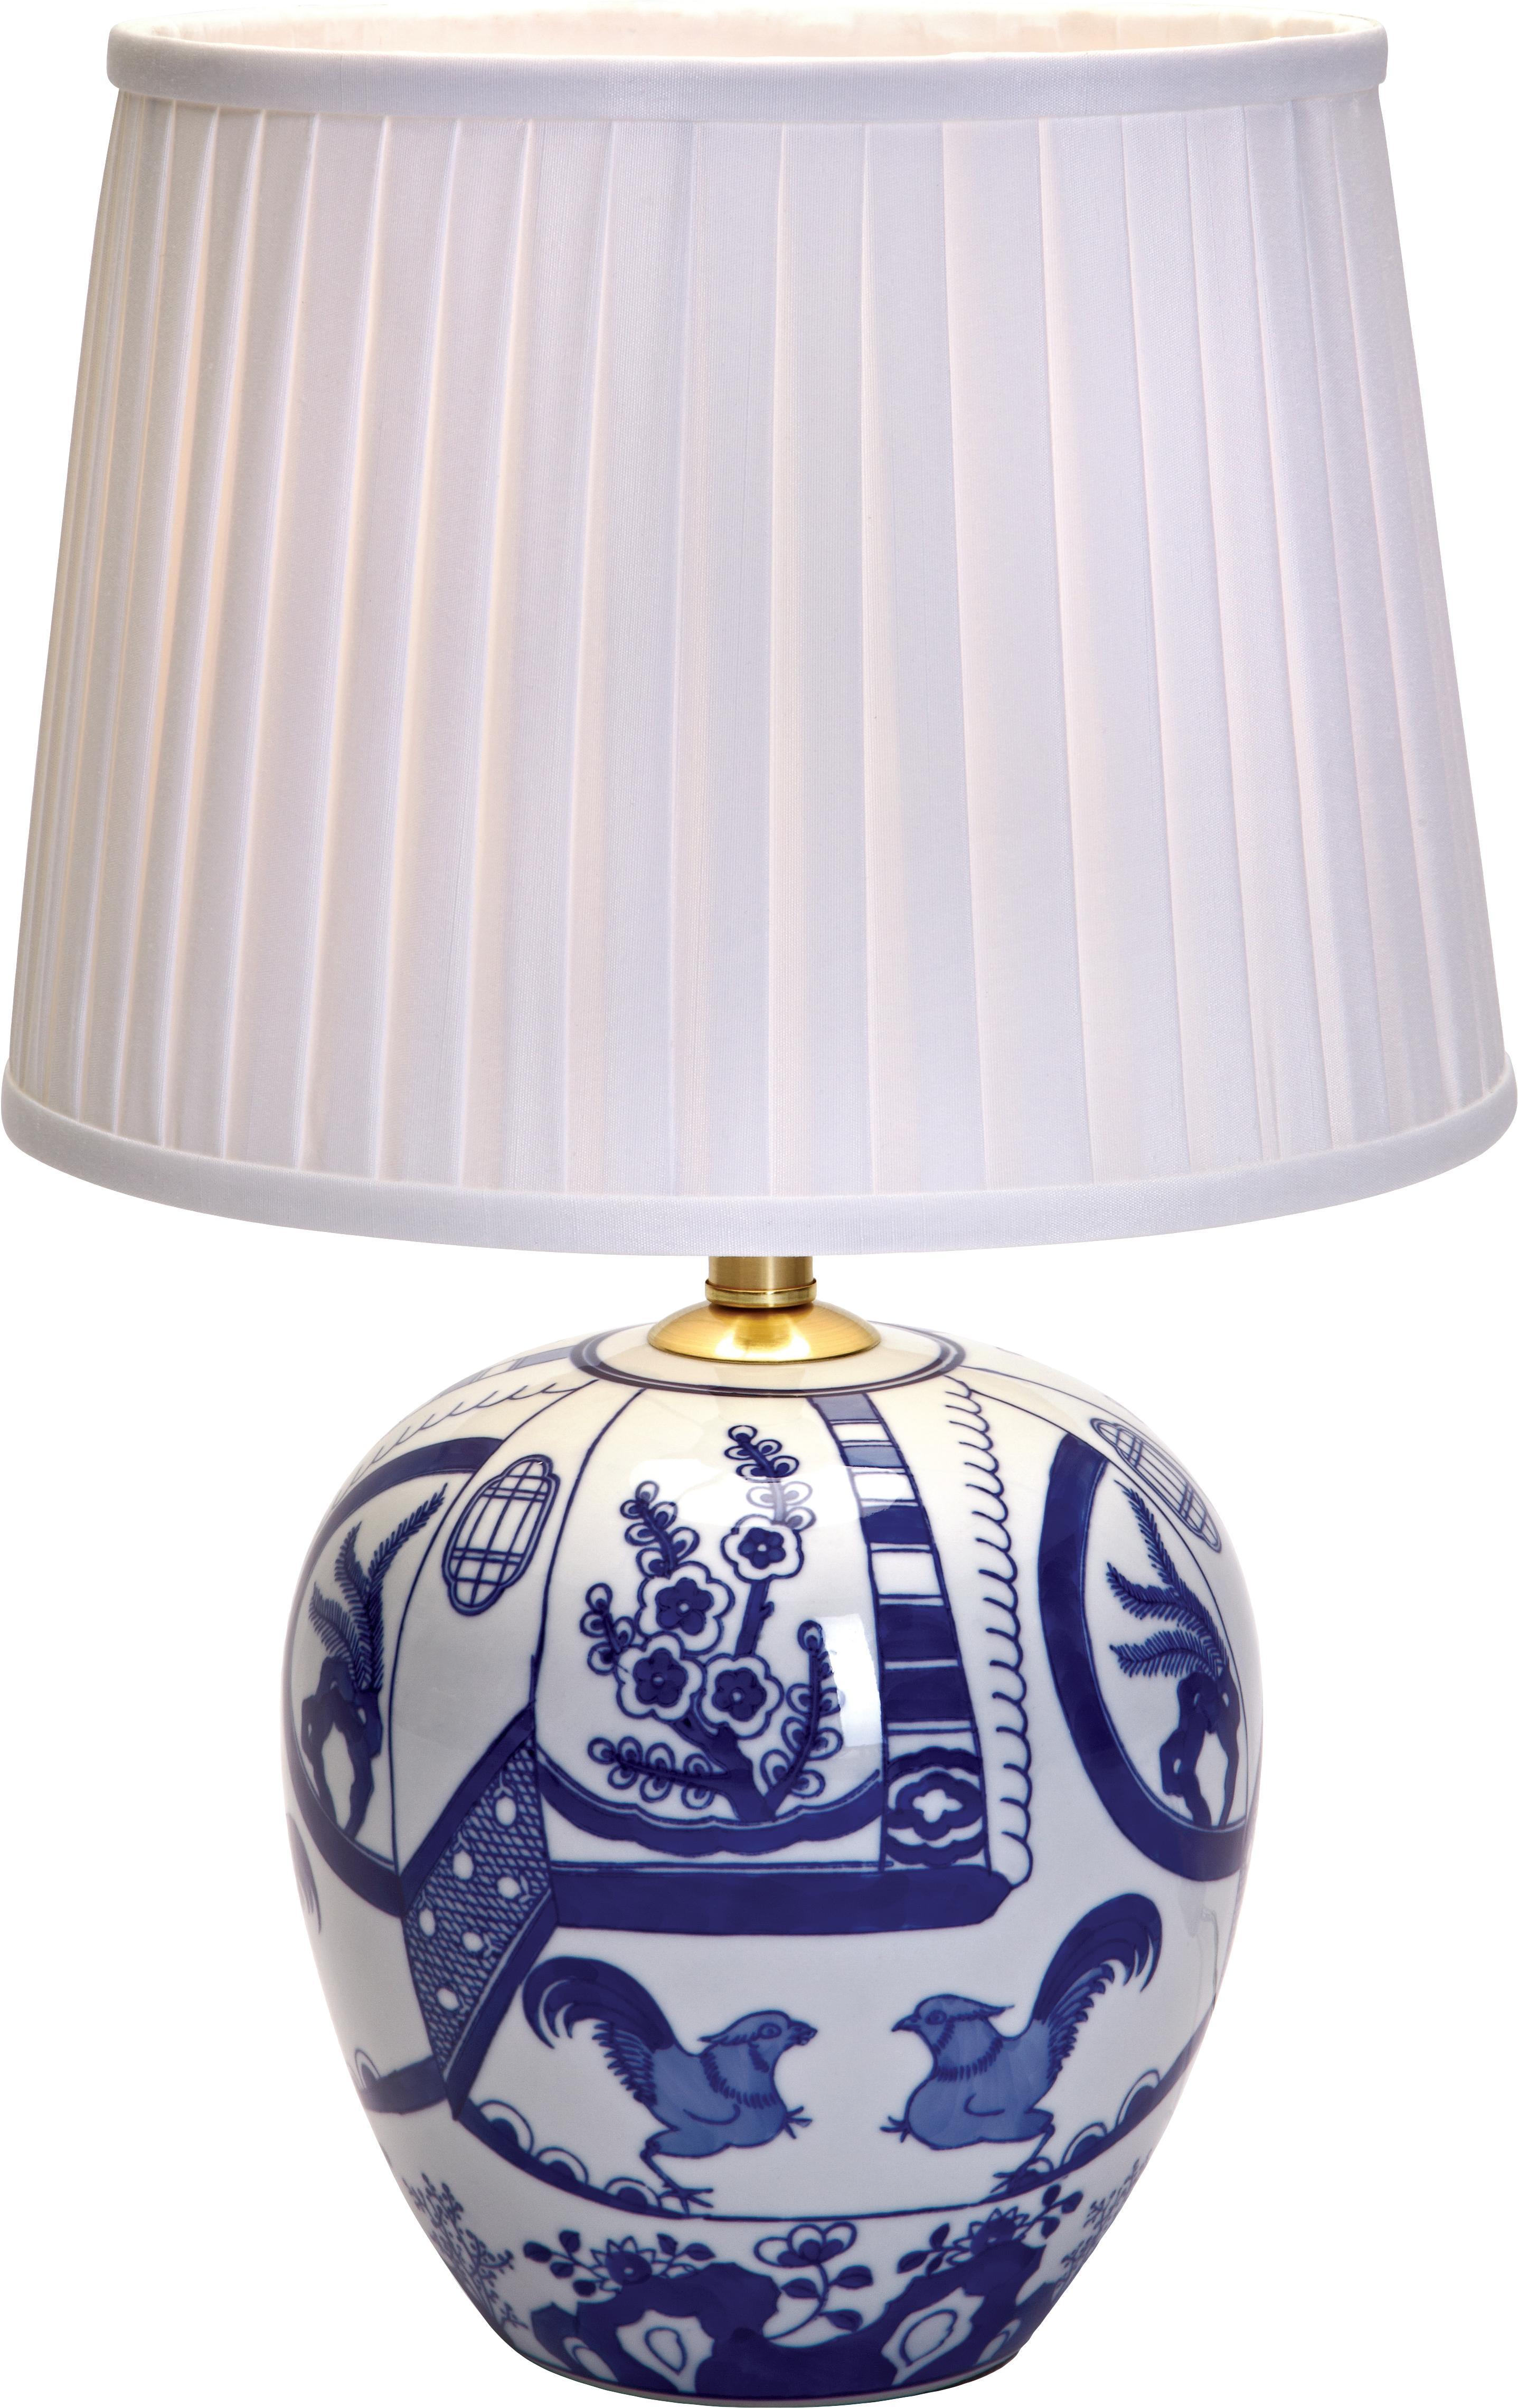 Keramische tafellamp Göteborg, Lampvoet: keramiek, Lampenkap: polyester, Lampvoet: blauw, wit. Lampenkap: wit, Ø 31 x H 48 cm